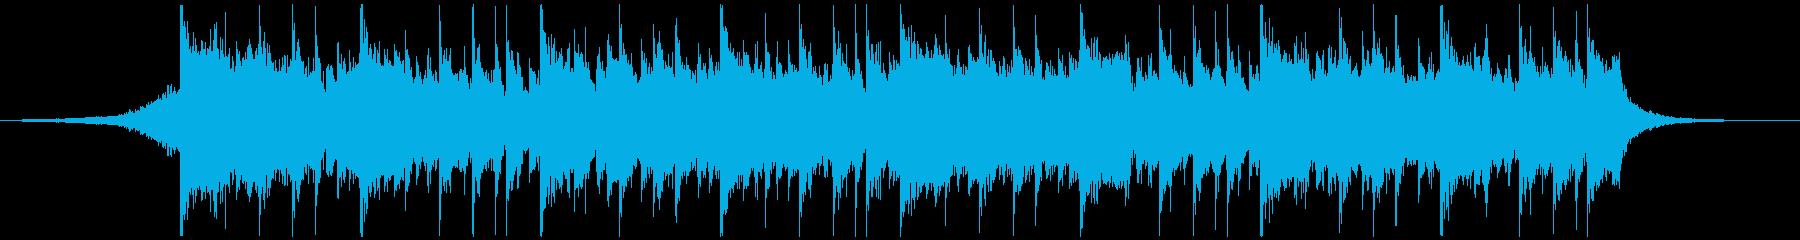 和風アコースティックポップ/コーラスの再生済みの波形